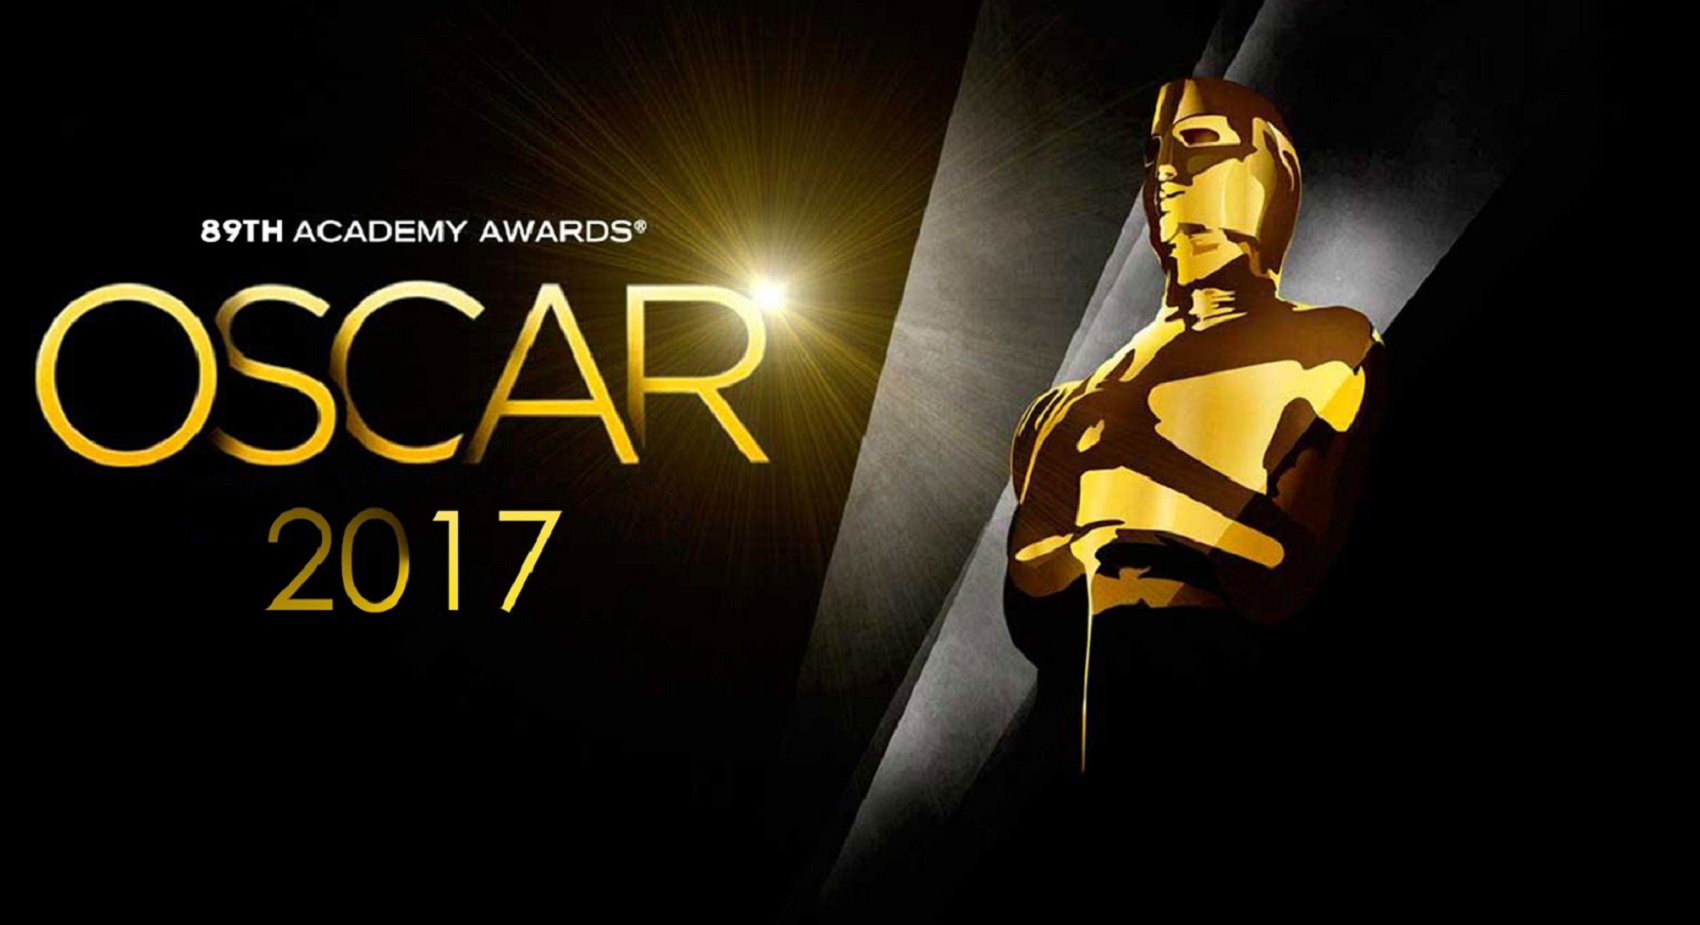 Oscar 2017: L'aria che tira – Pronostici sulle future nomination #1